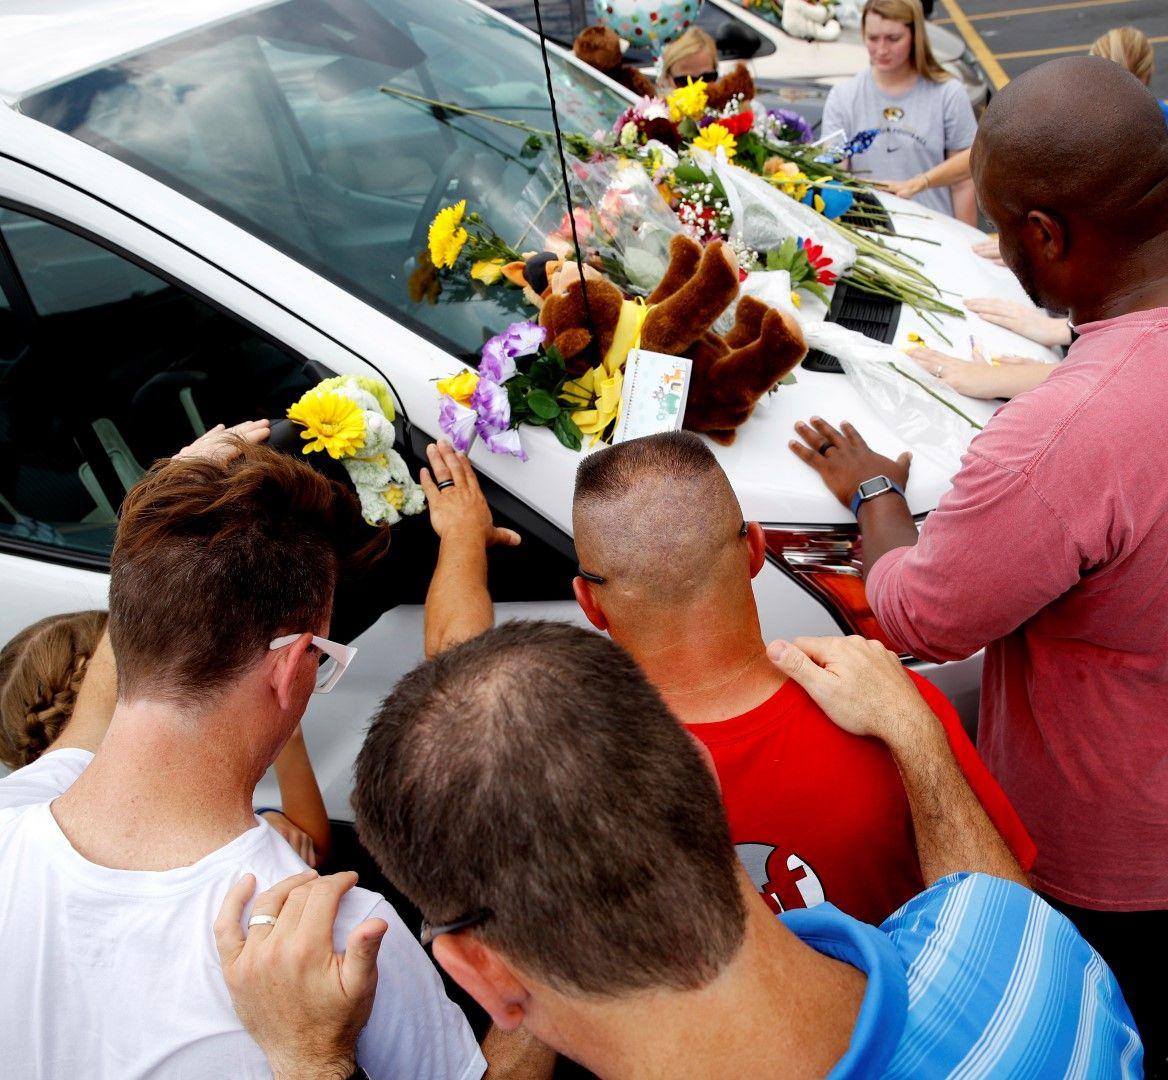 Близките оставиха цветя и играчки в памет на загиналите, сред които има и деца